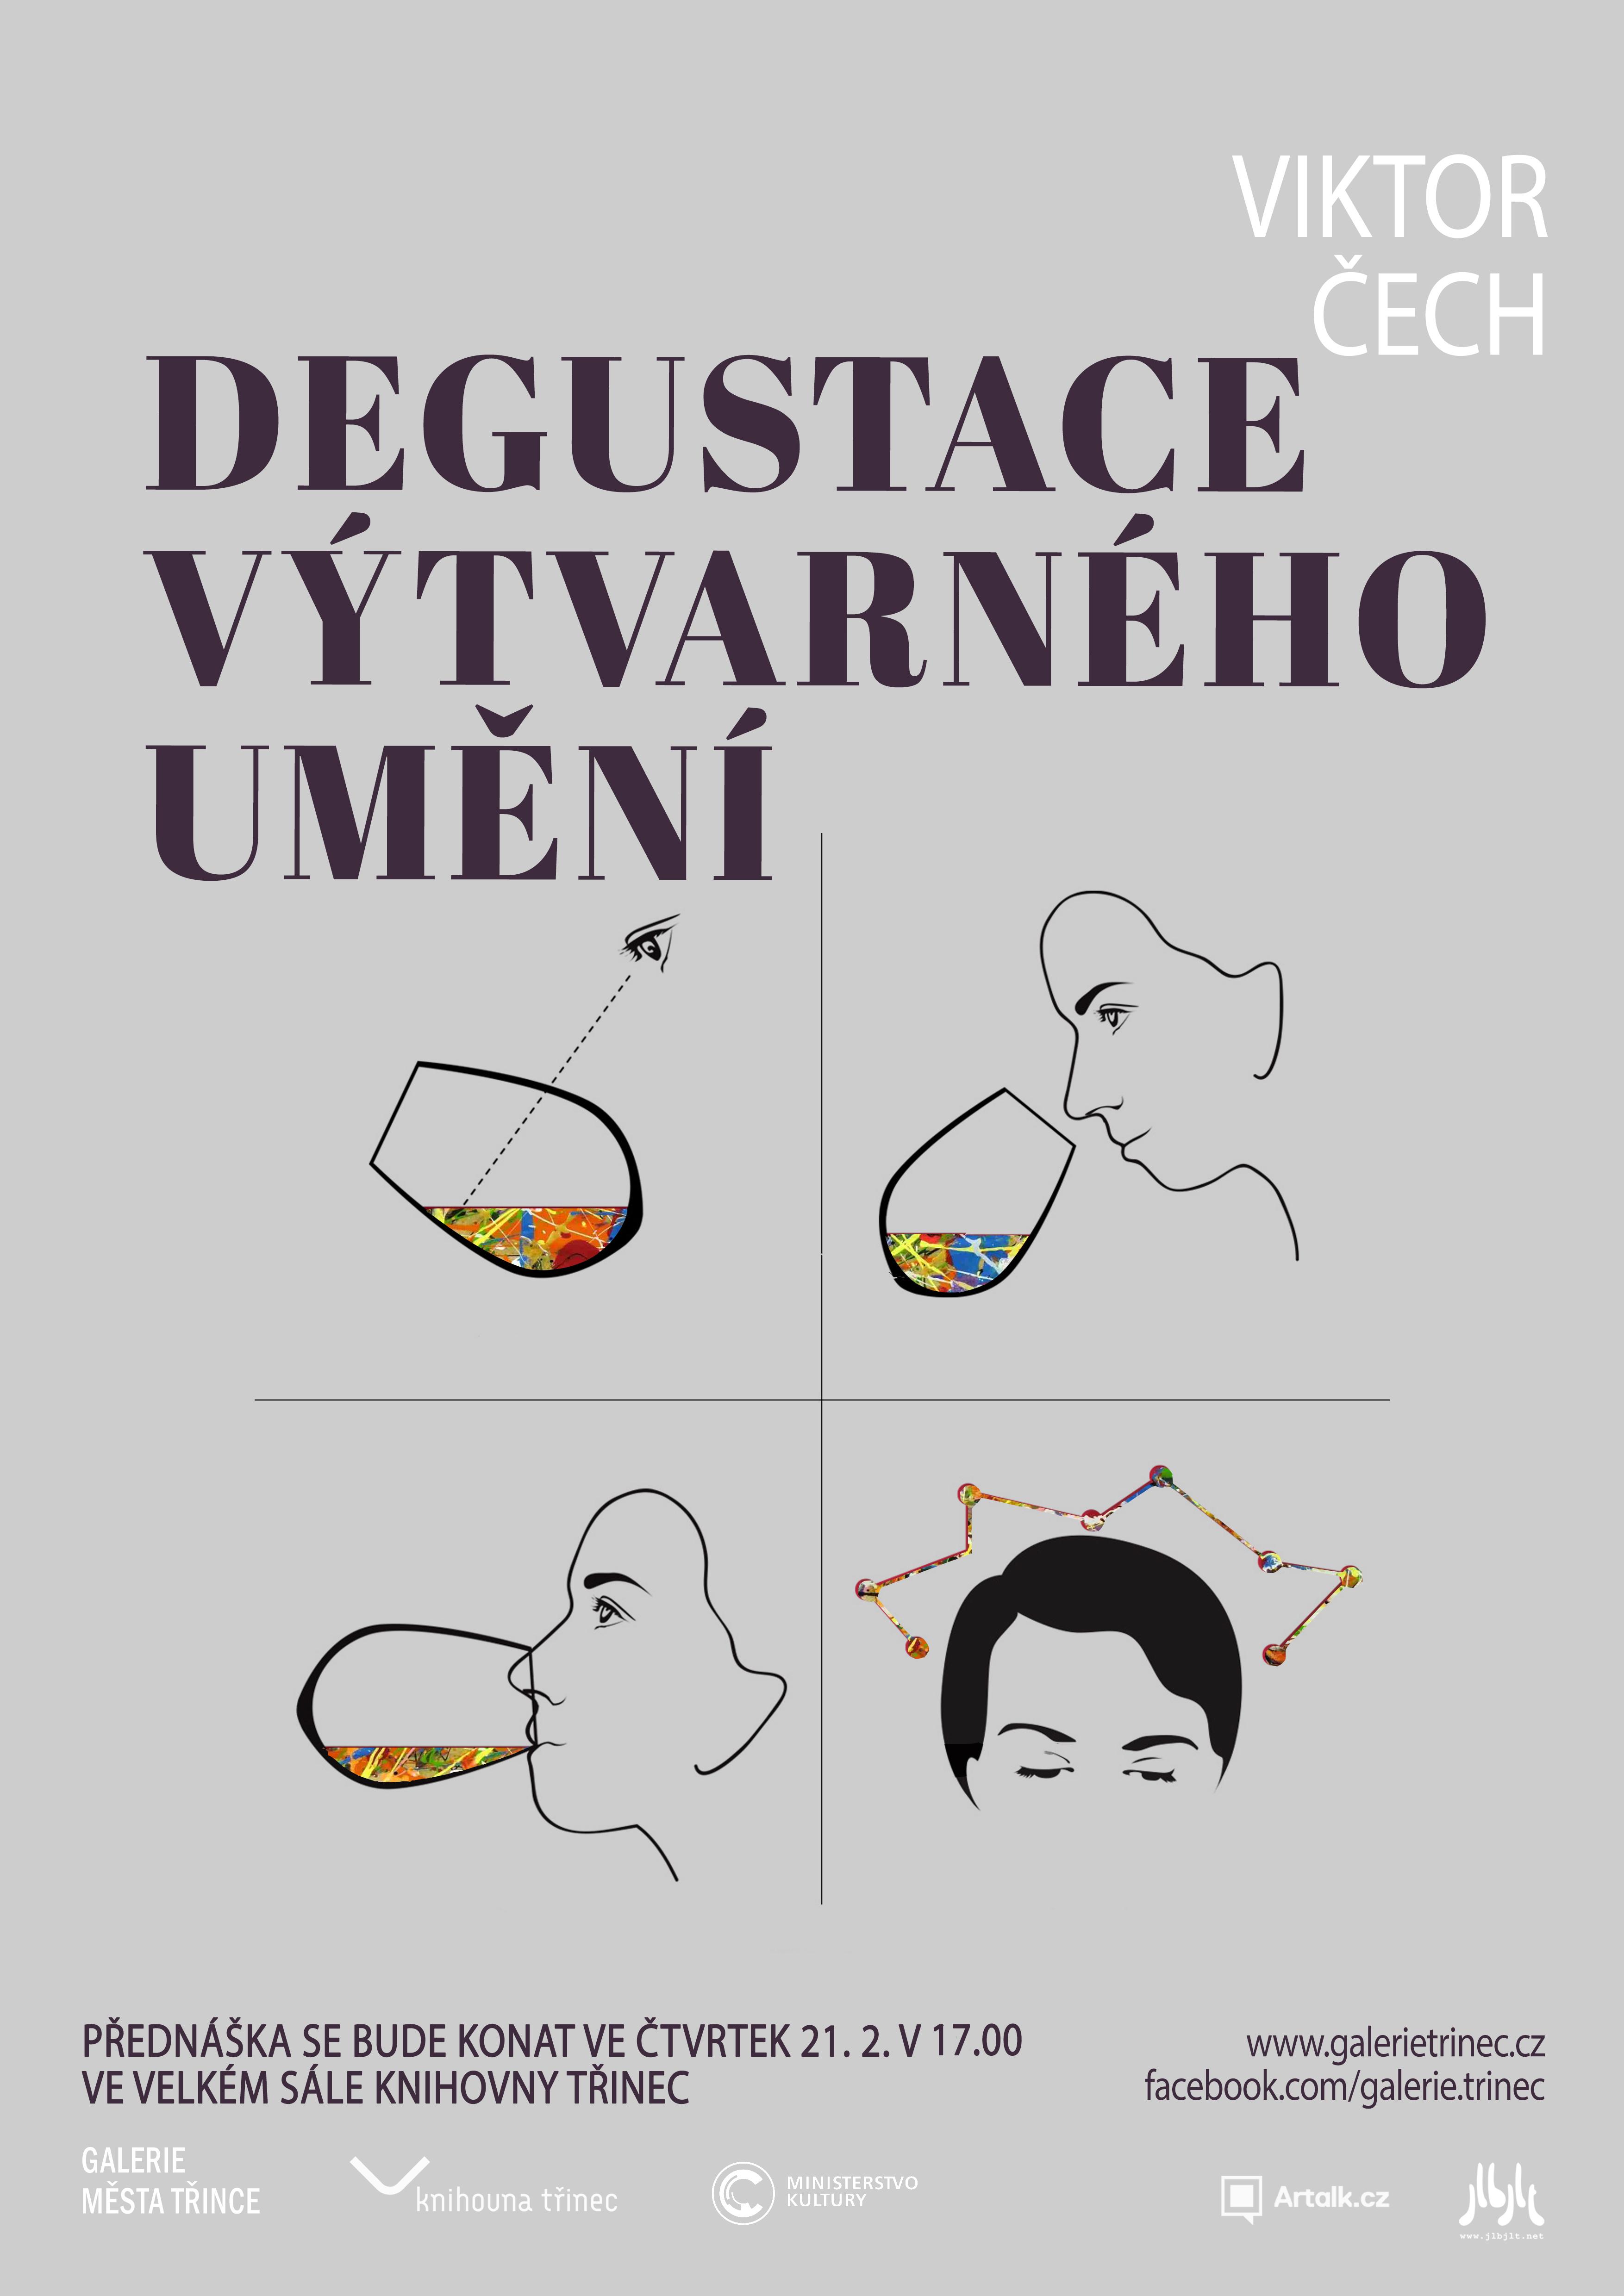 Přednáška: Viktor Čech: Degustace výtvarného umění